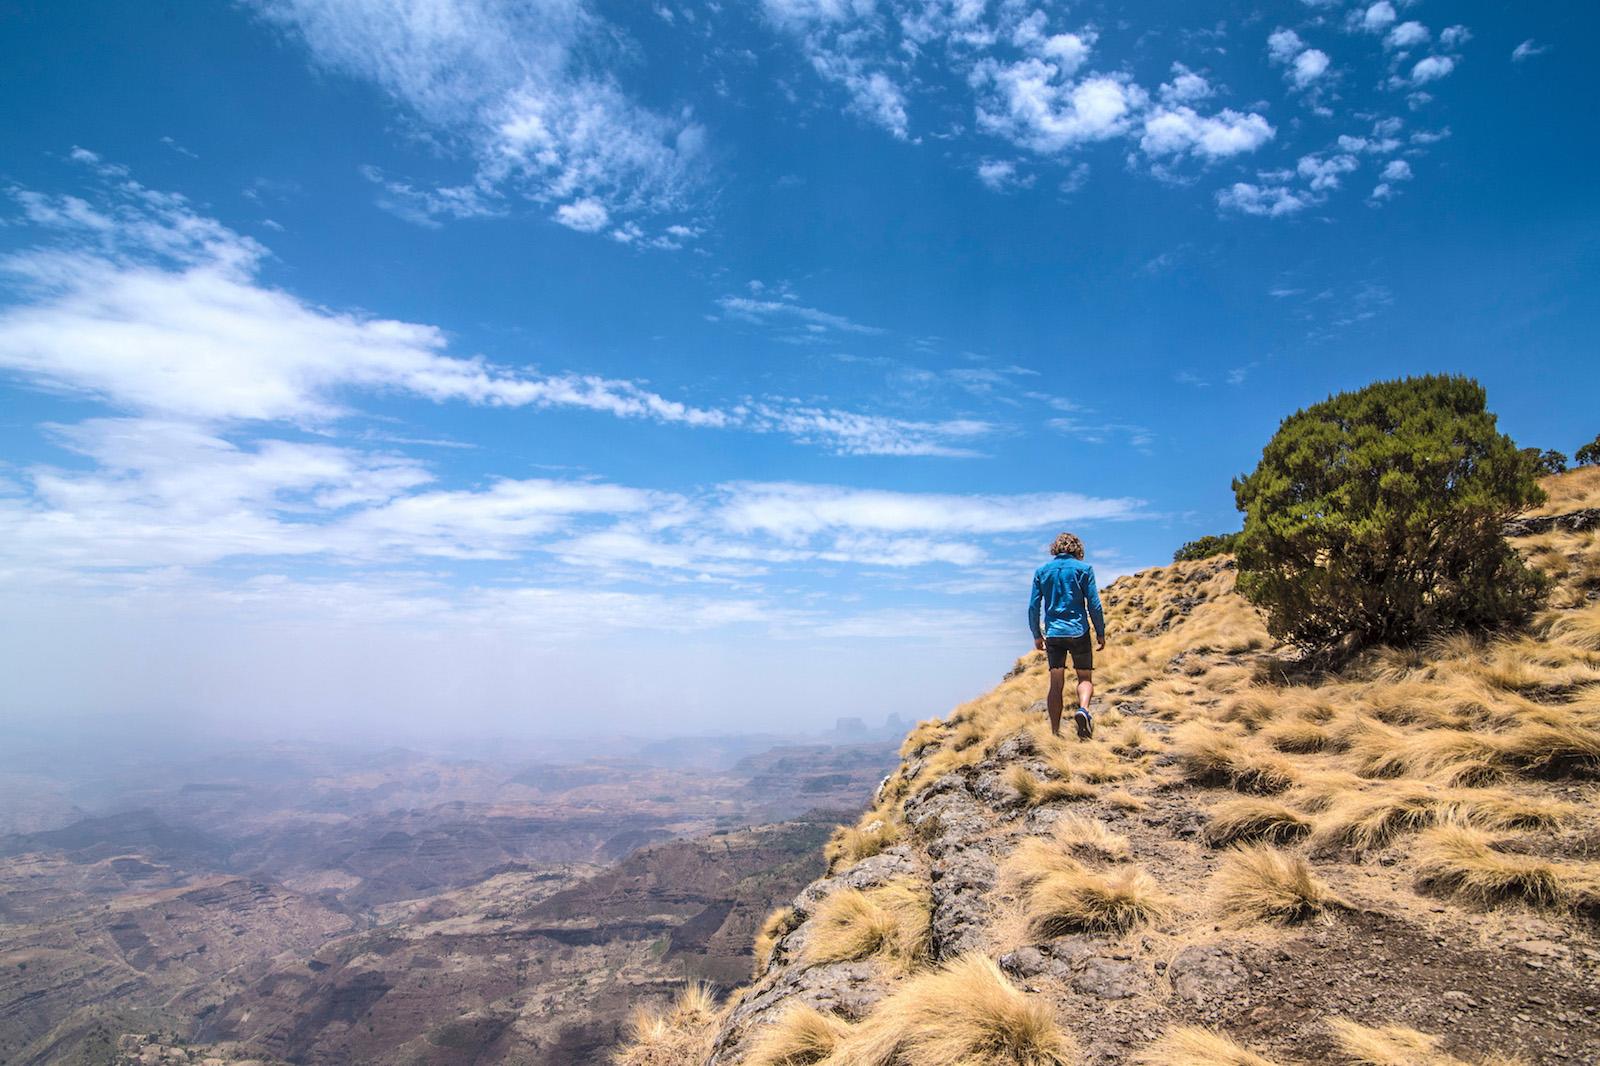 Robert Schrader hiking